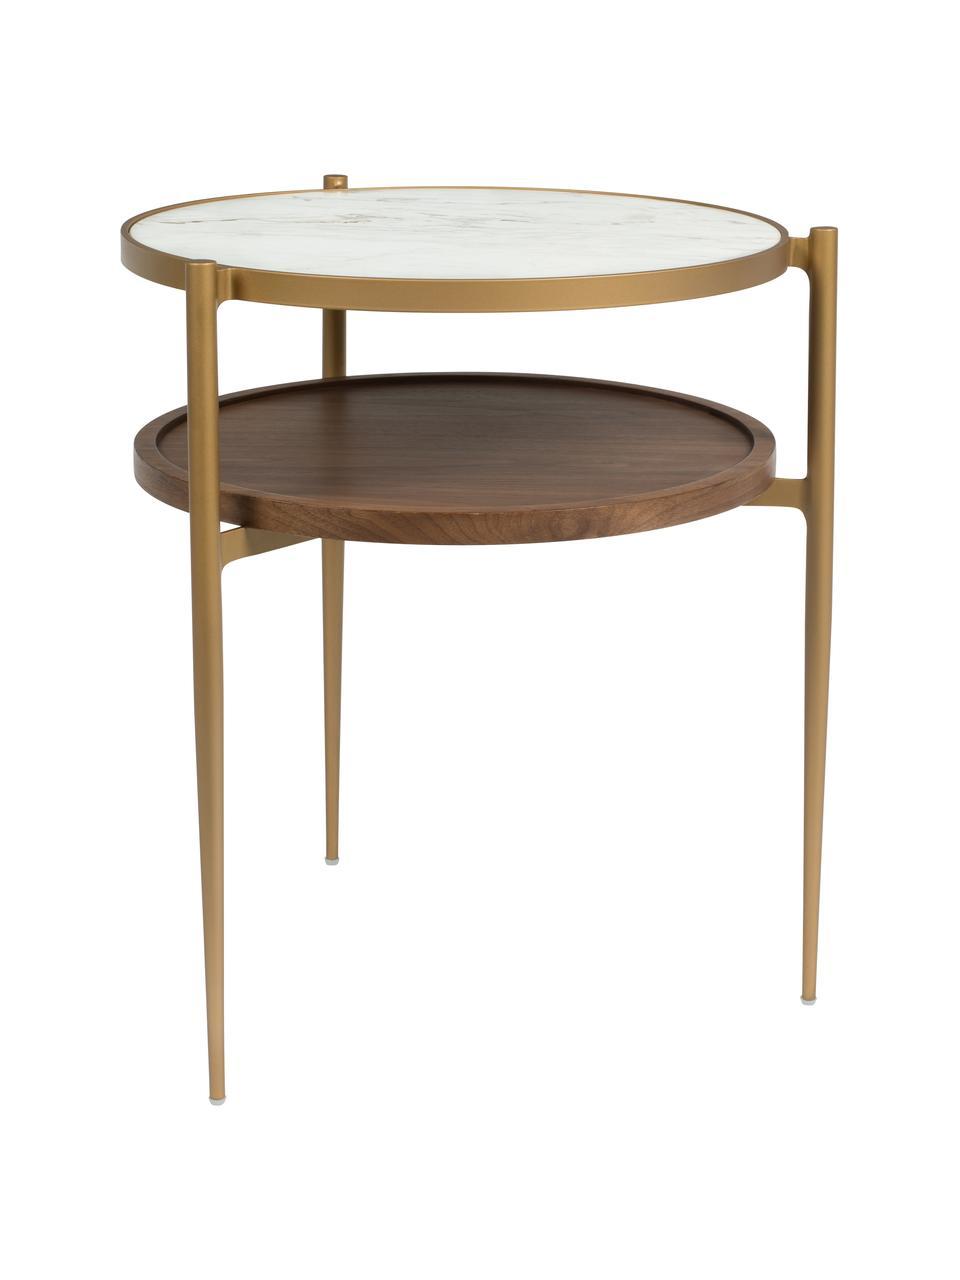 Table d'appoint ronde aspect marbreBella, Blanc, couleur dorée, bois de noyer